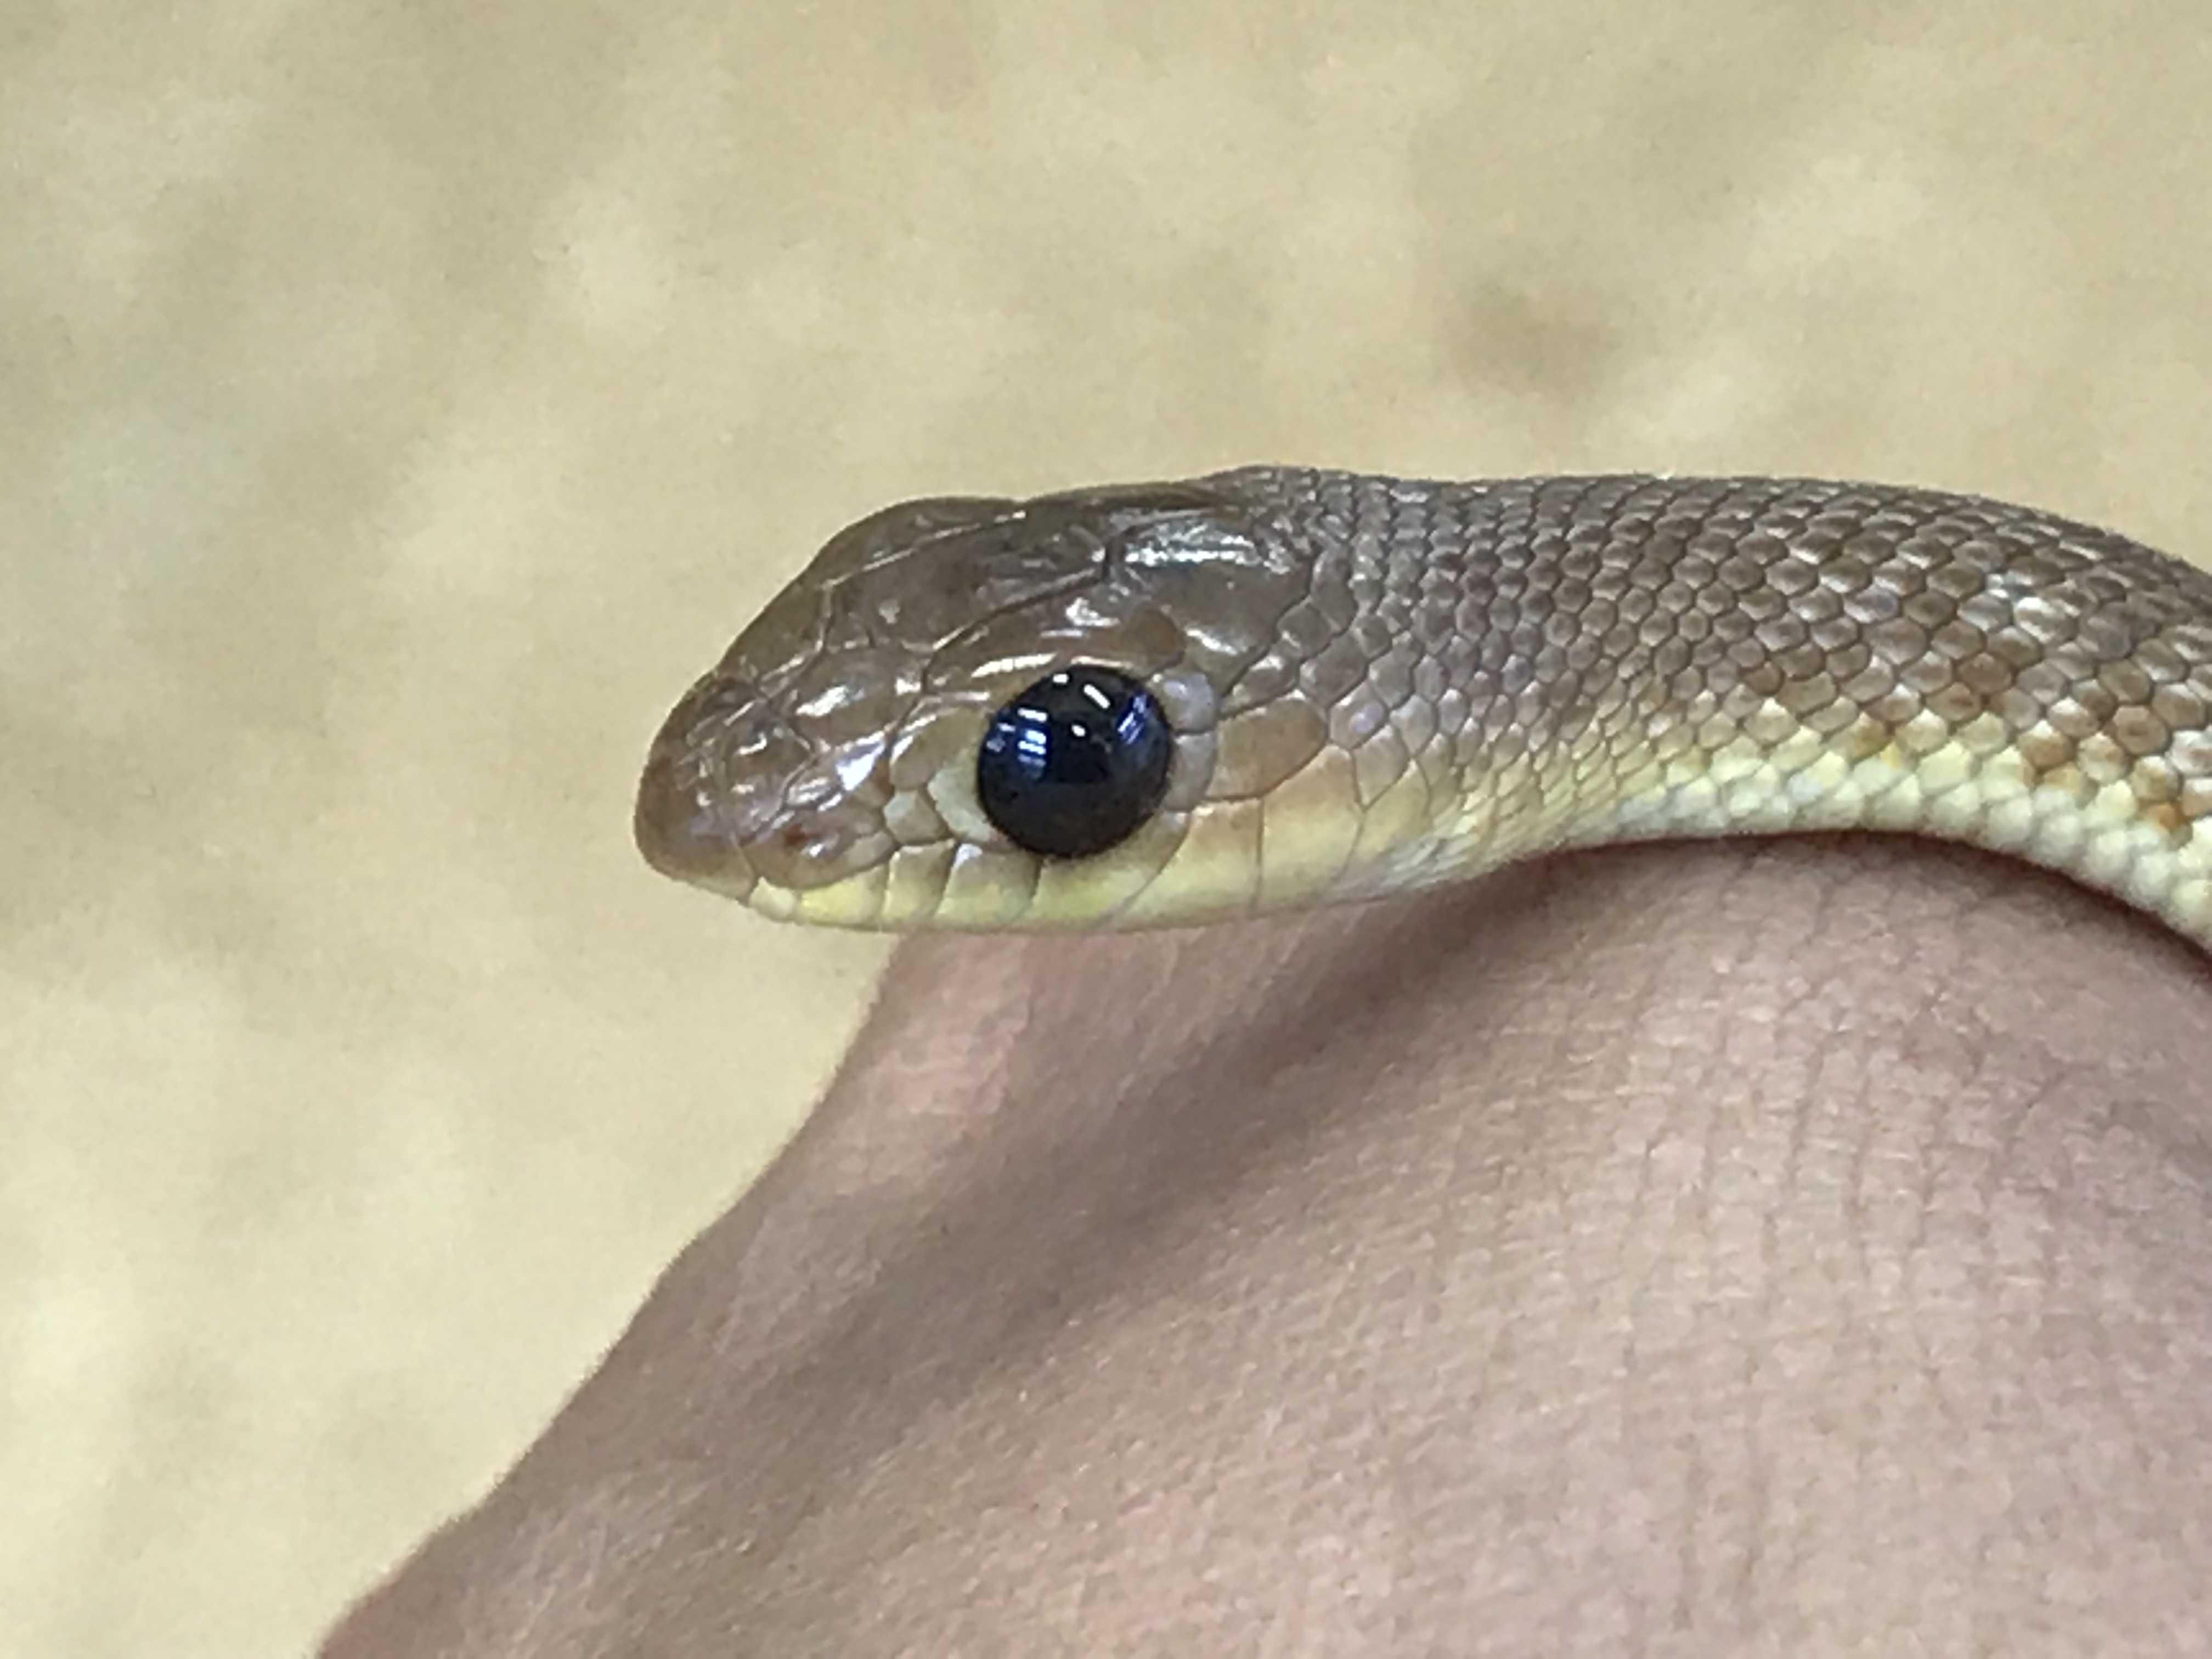 嘴・天狗なヘビ&極美クサガメ@インター爬虫類